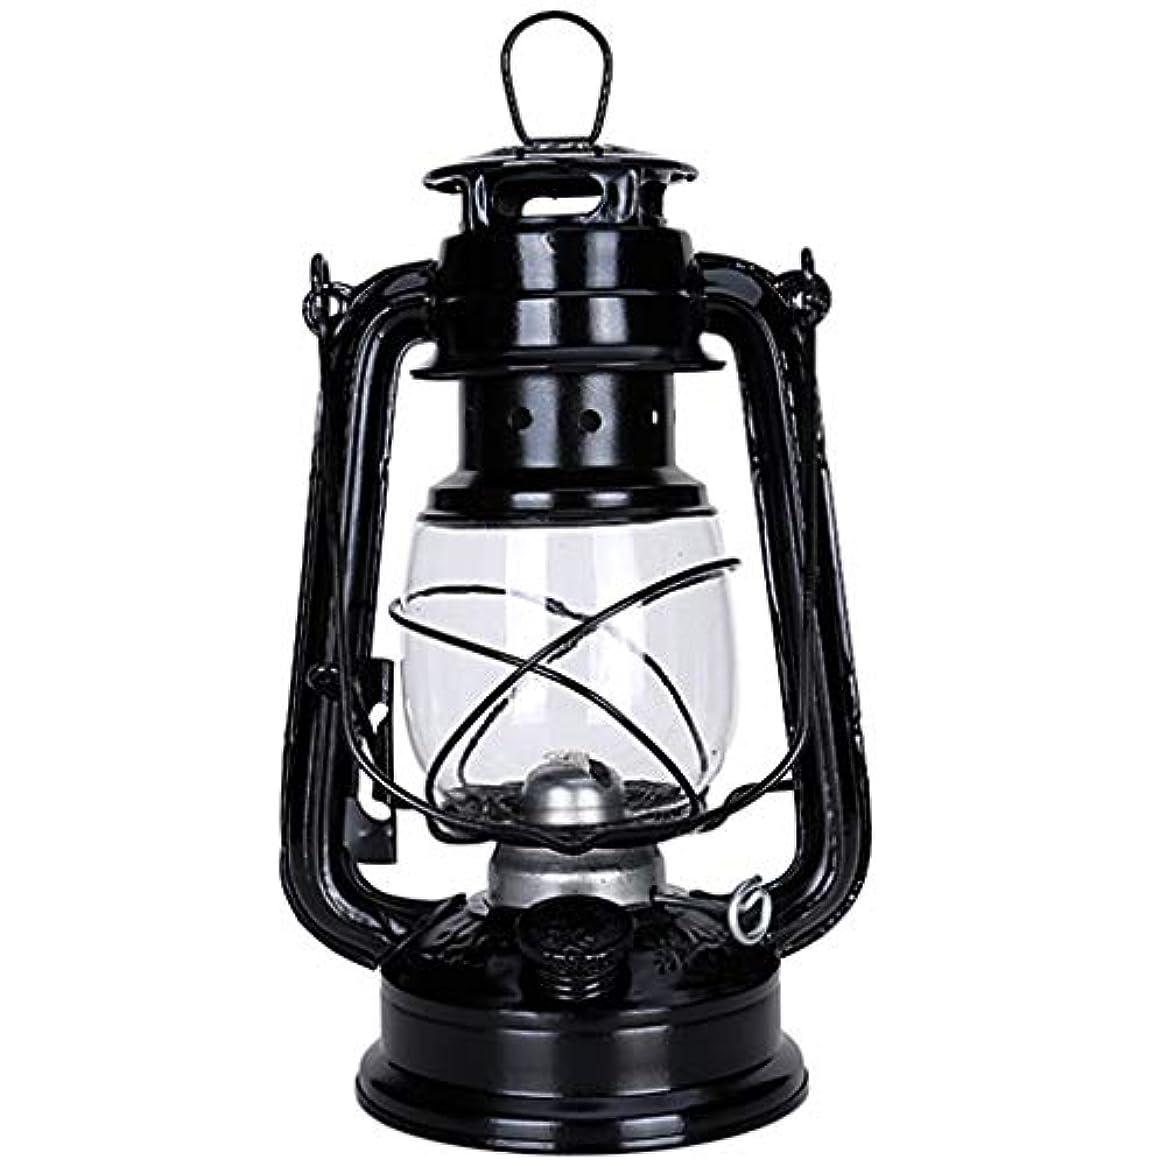 インタフェース赤字高度なヴィンテージ装飾ランプ/灯油ランプ、25cmガラス照明ランタン、リビングルーム、スタディ、ダイニングルーム、キャンプ用(ブラック)